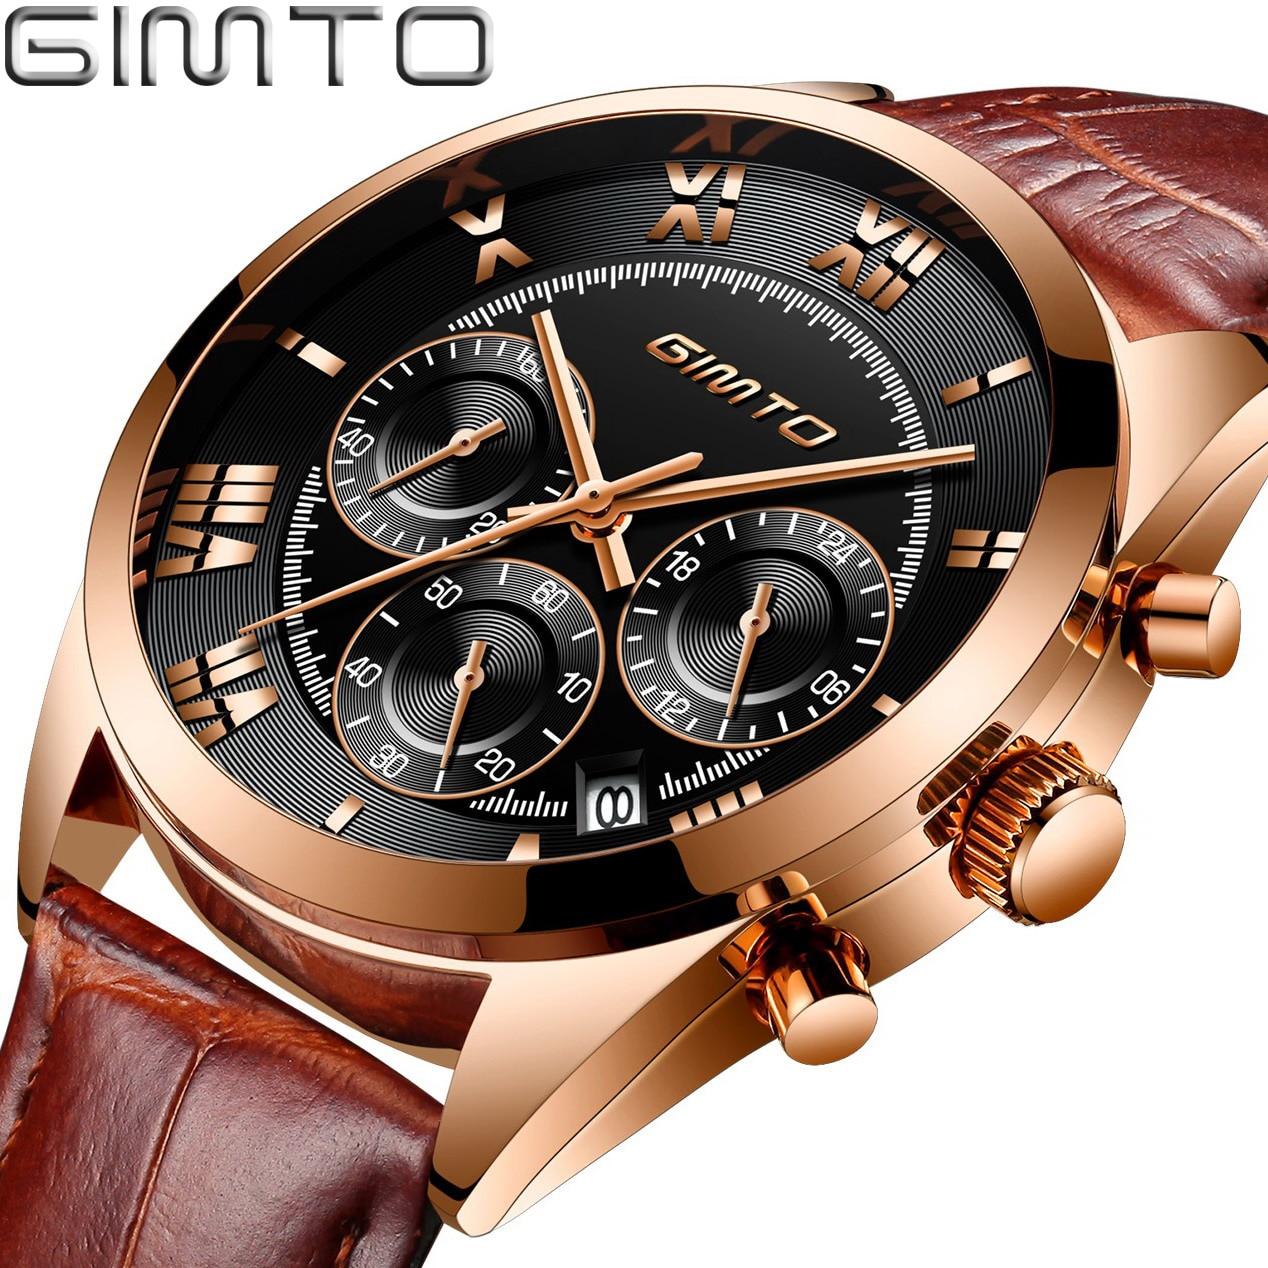 GIMTO marca superior reloj de oro hombres 2018 nuevo reloj de cuero masculino romano Vintage Casual ejército militar relojes deportivos impermeable reloj